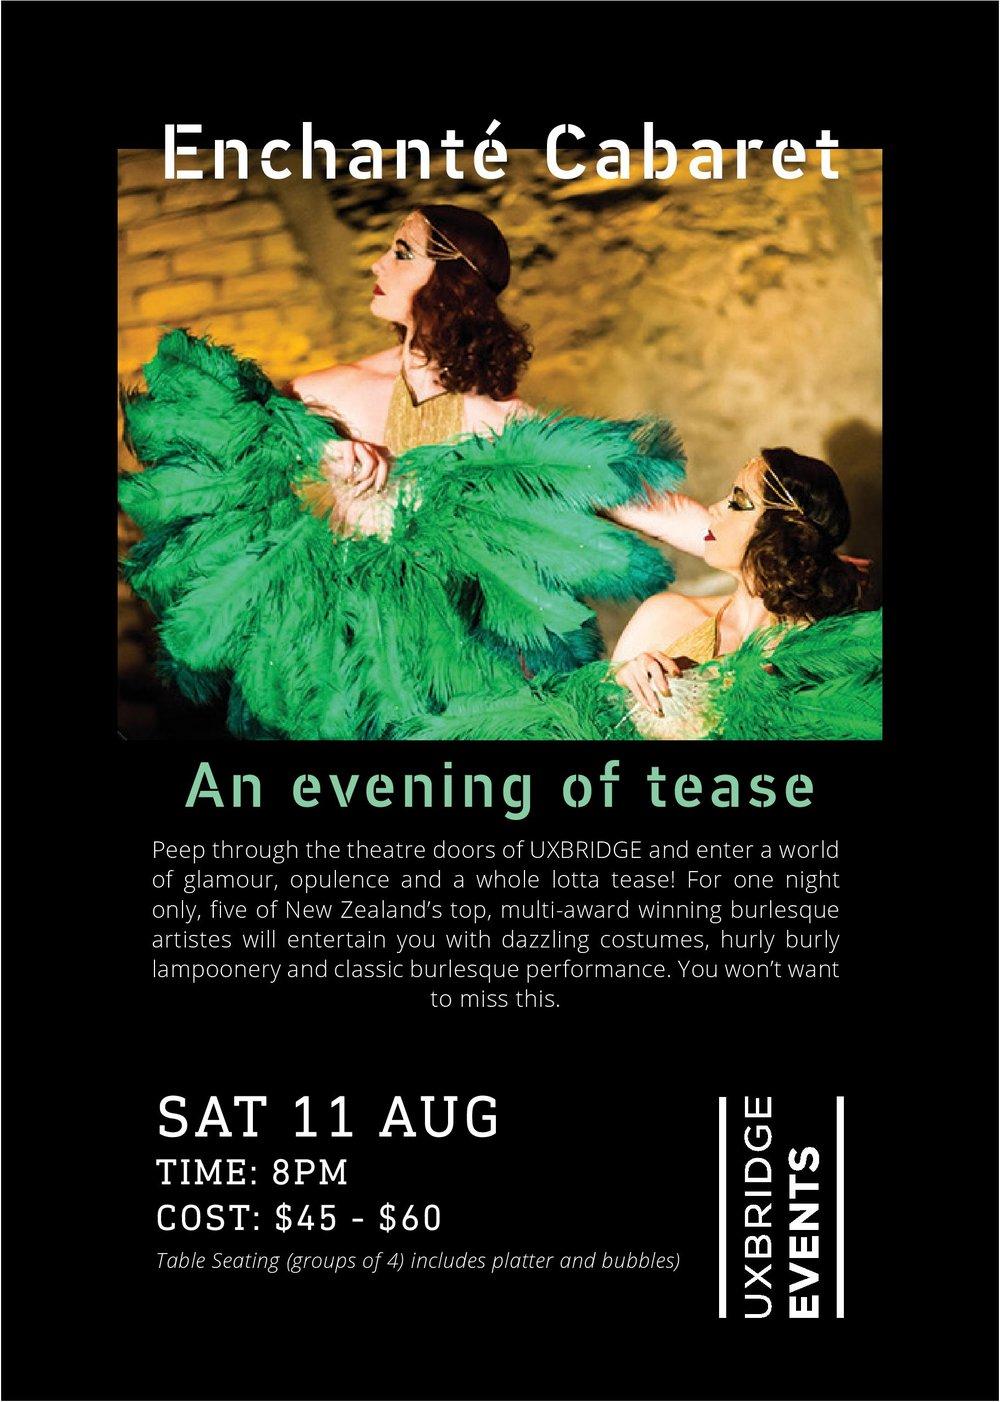 Enchanté Cabaret Poster - JPEG.jpg